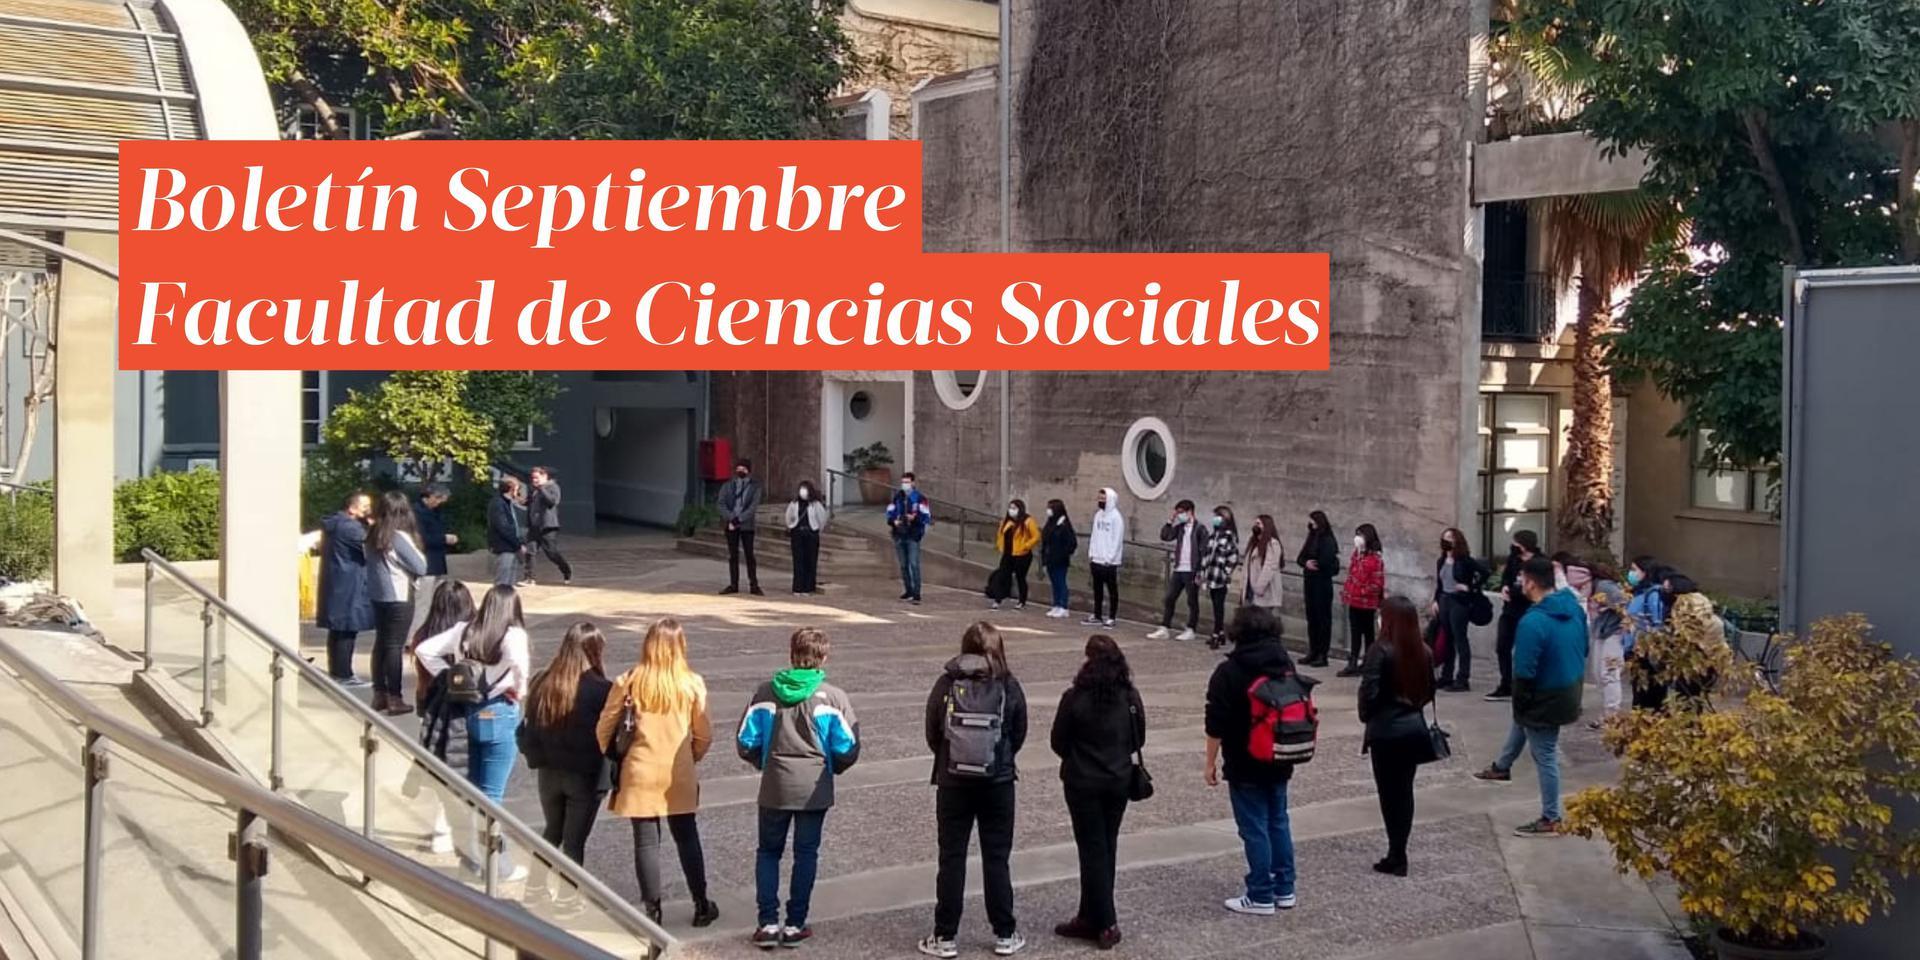 Boletín informativo Septiembre | Facultad de Ciencias Sociales